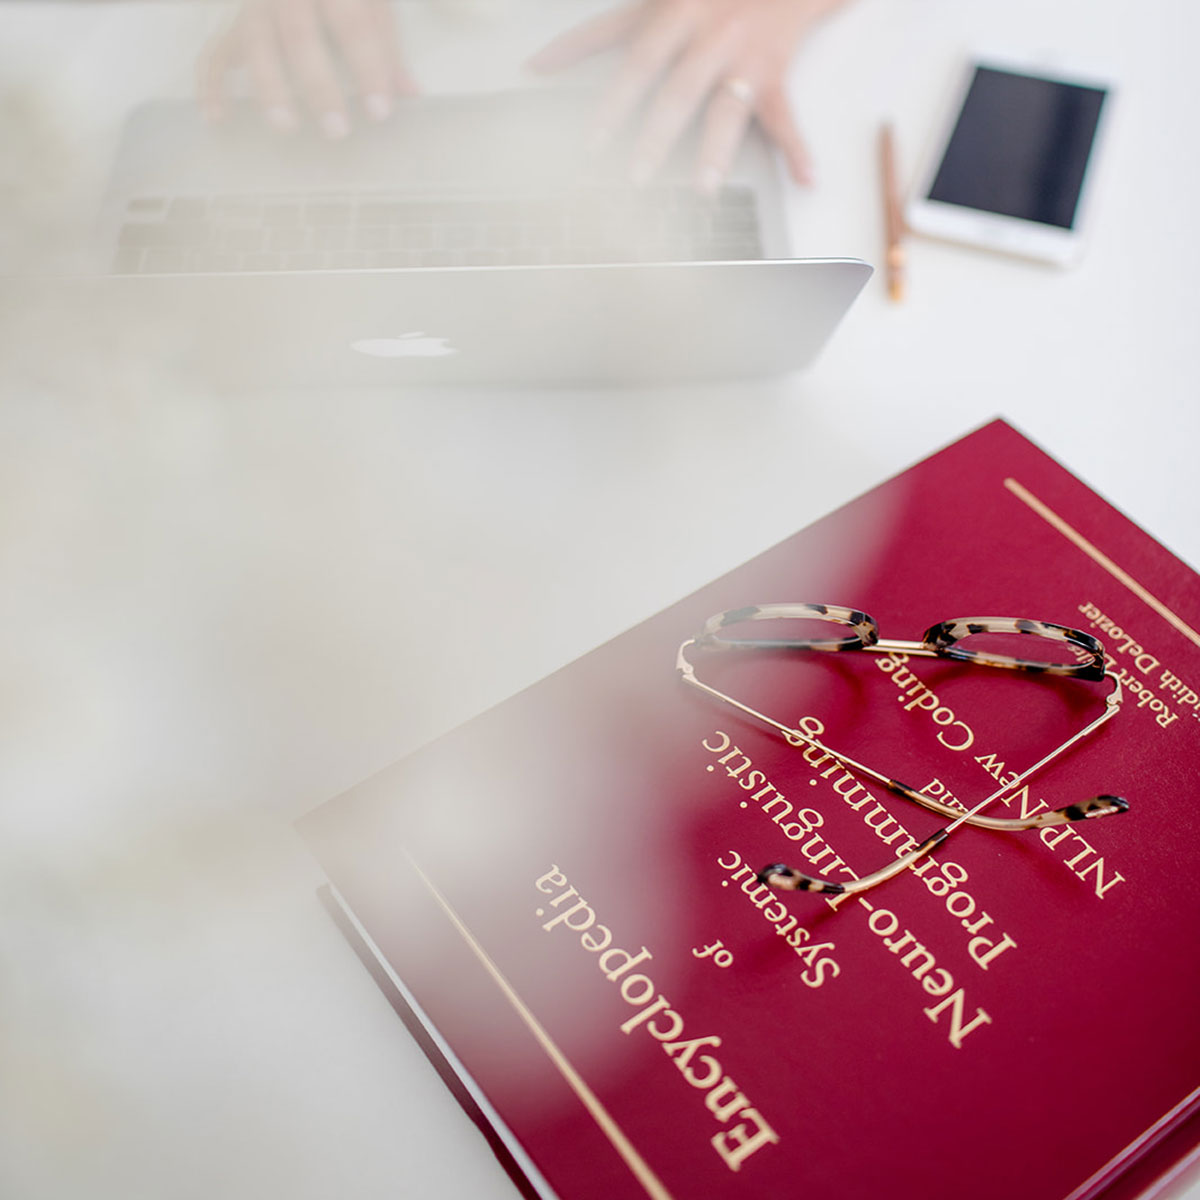 Enciclopédia da PNL, computador, trainer de PNL a trabalhar, óculos, caneta e telemóvel na secretária branca